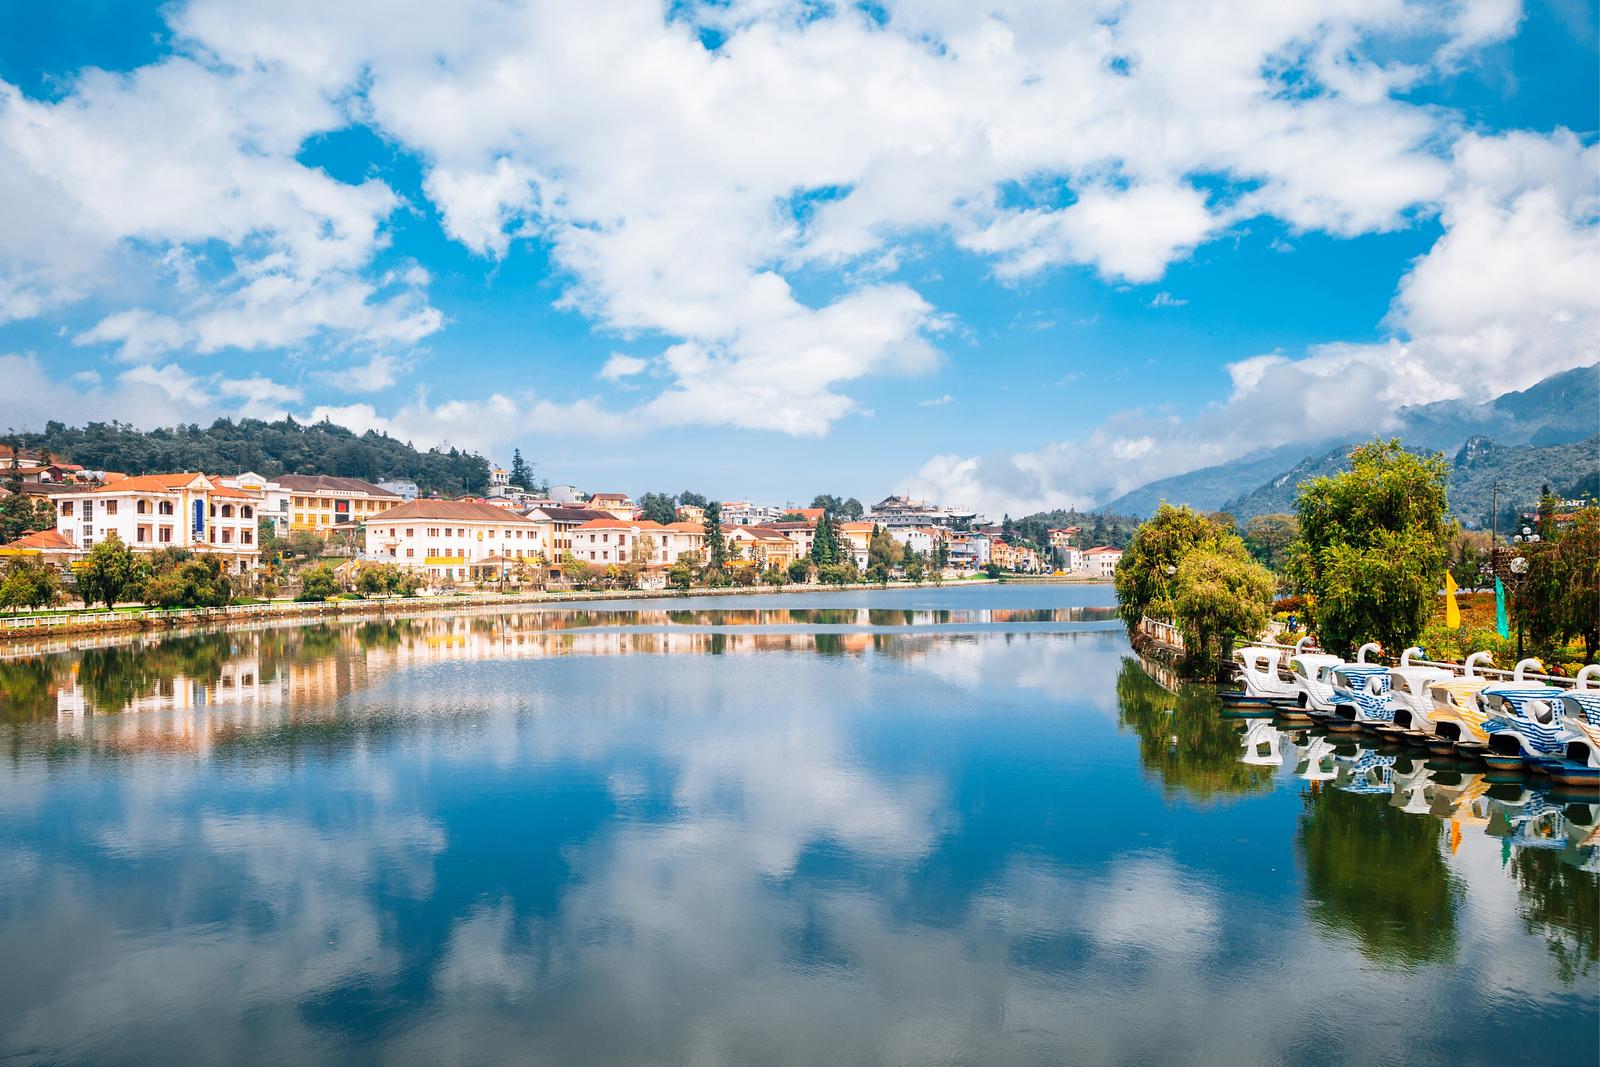 Lake in Sapa town